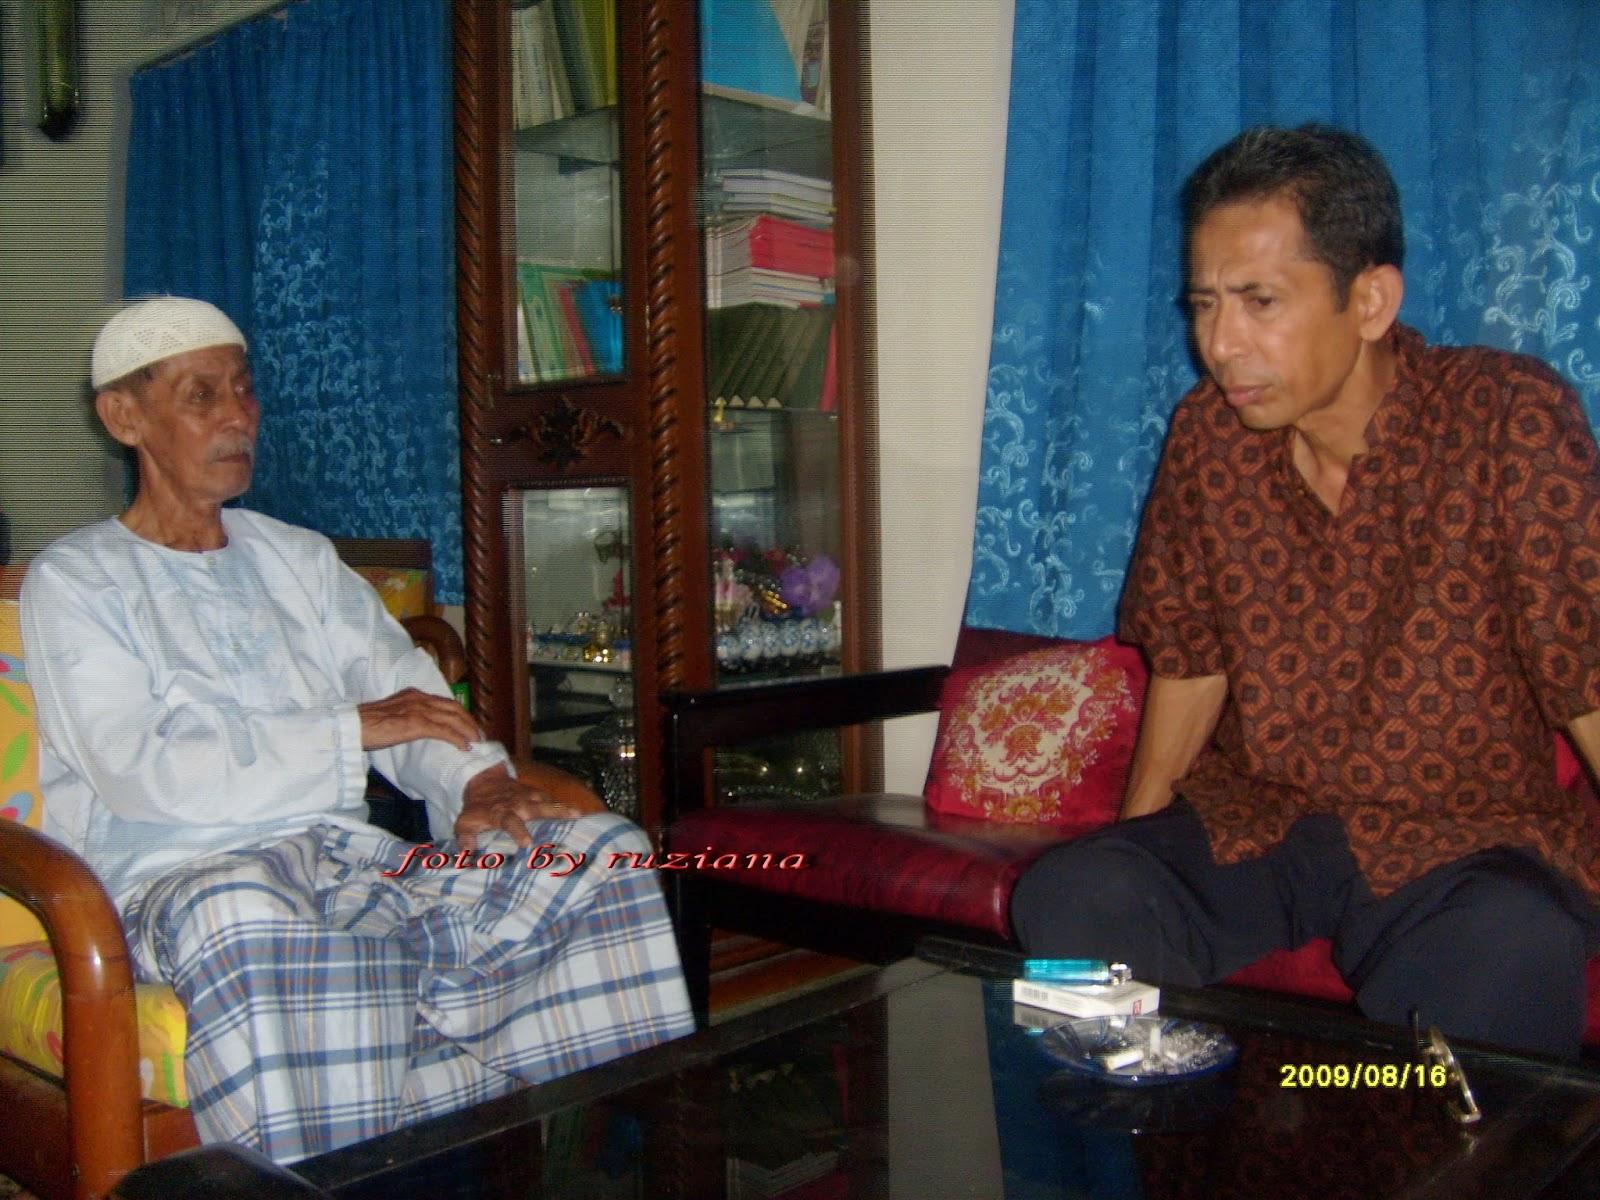 saksi sejarah KAA dari Kepri, pesawat KAA jatuh di natuna, KAA Bandung 2015, Said Hamzah, Ruziana, Penulis wanita kepri, Tanjungpinang